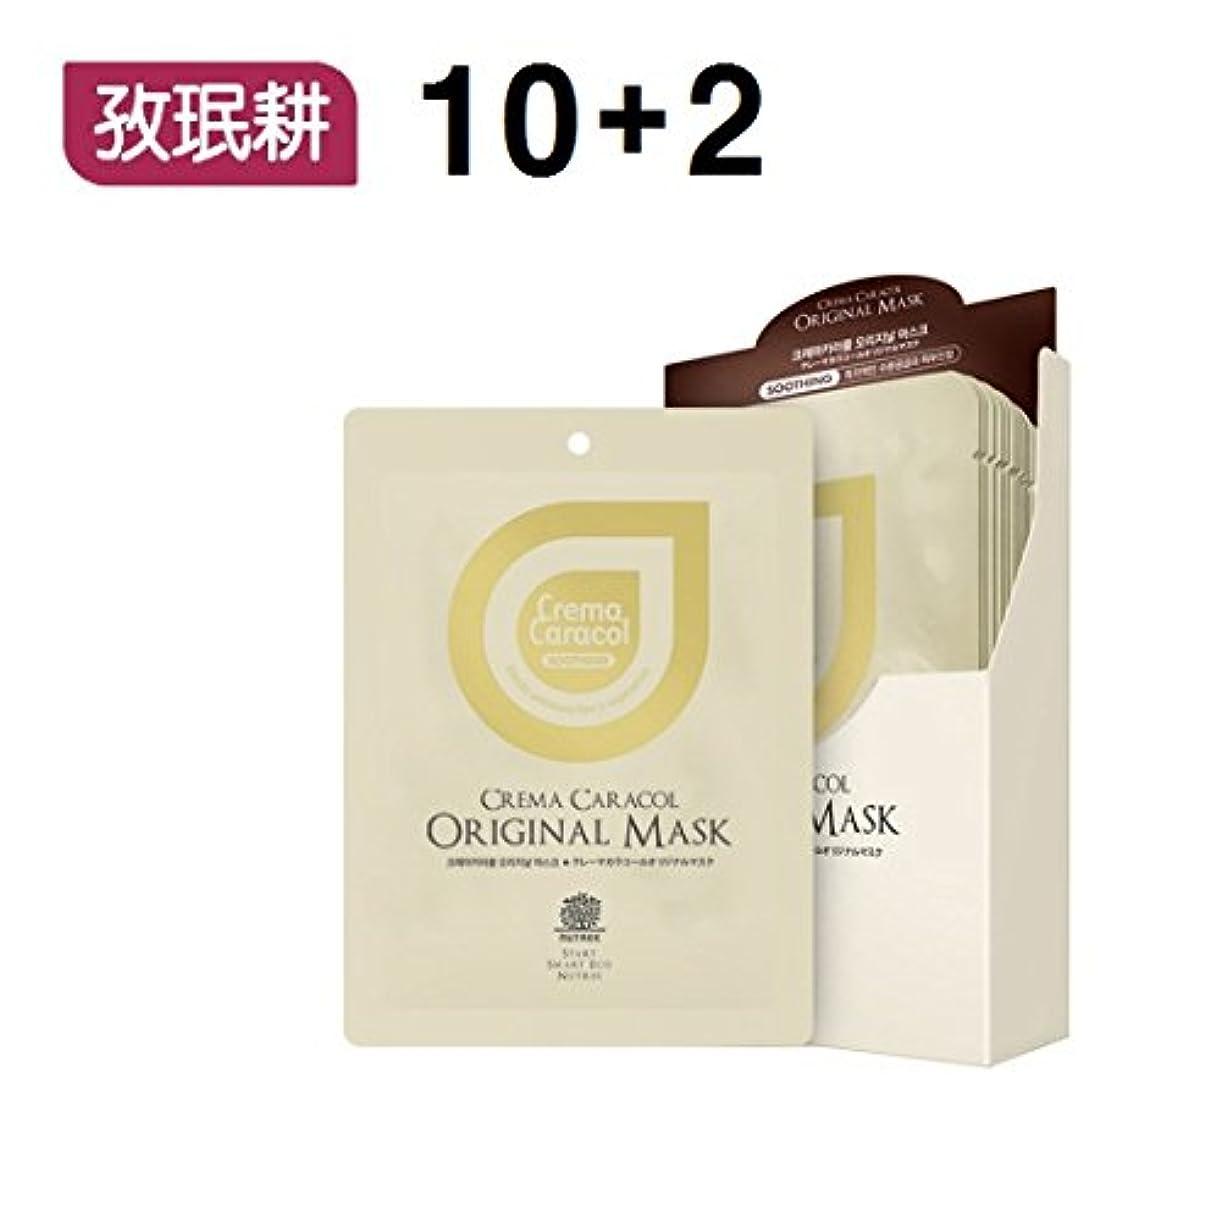 ピン反抗引退するJaminkyung Crema Caracol Original Mask 10+2 / ジャミンギョン クレマカラコールオリジナルマスク 10+2 [並行輸入品]